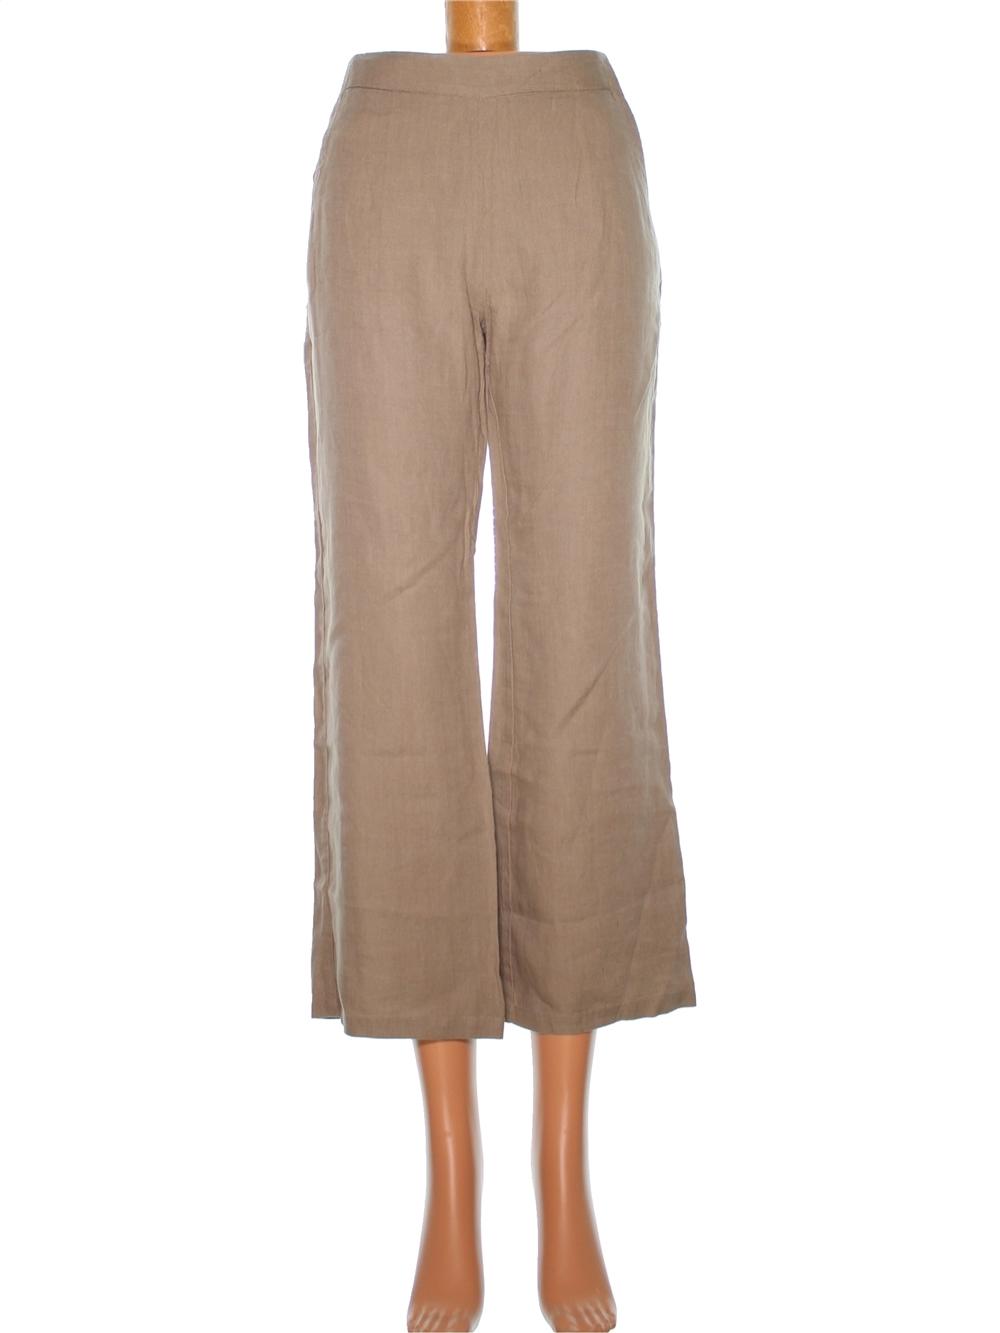 Pantalon-COMPTOIR-DES-COTONNIERS-42-1132853